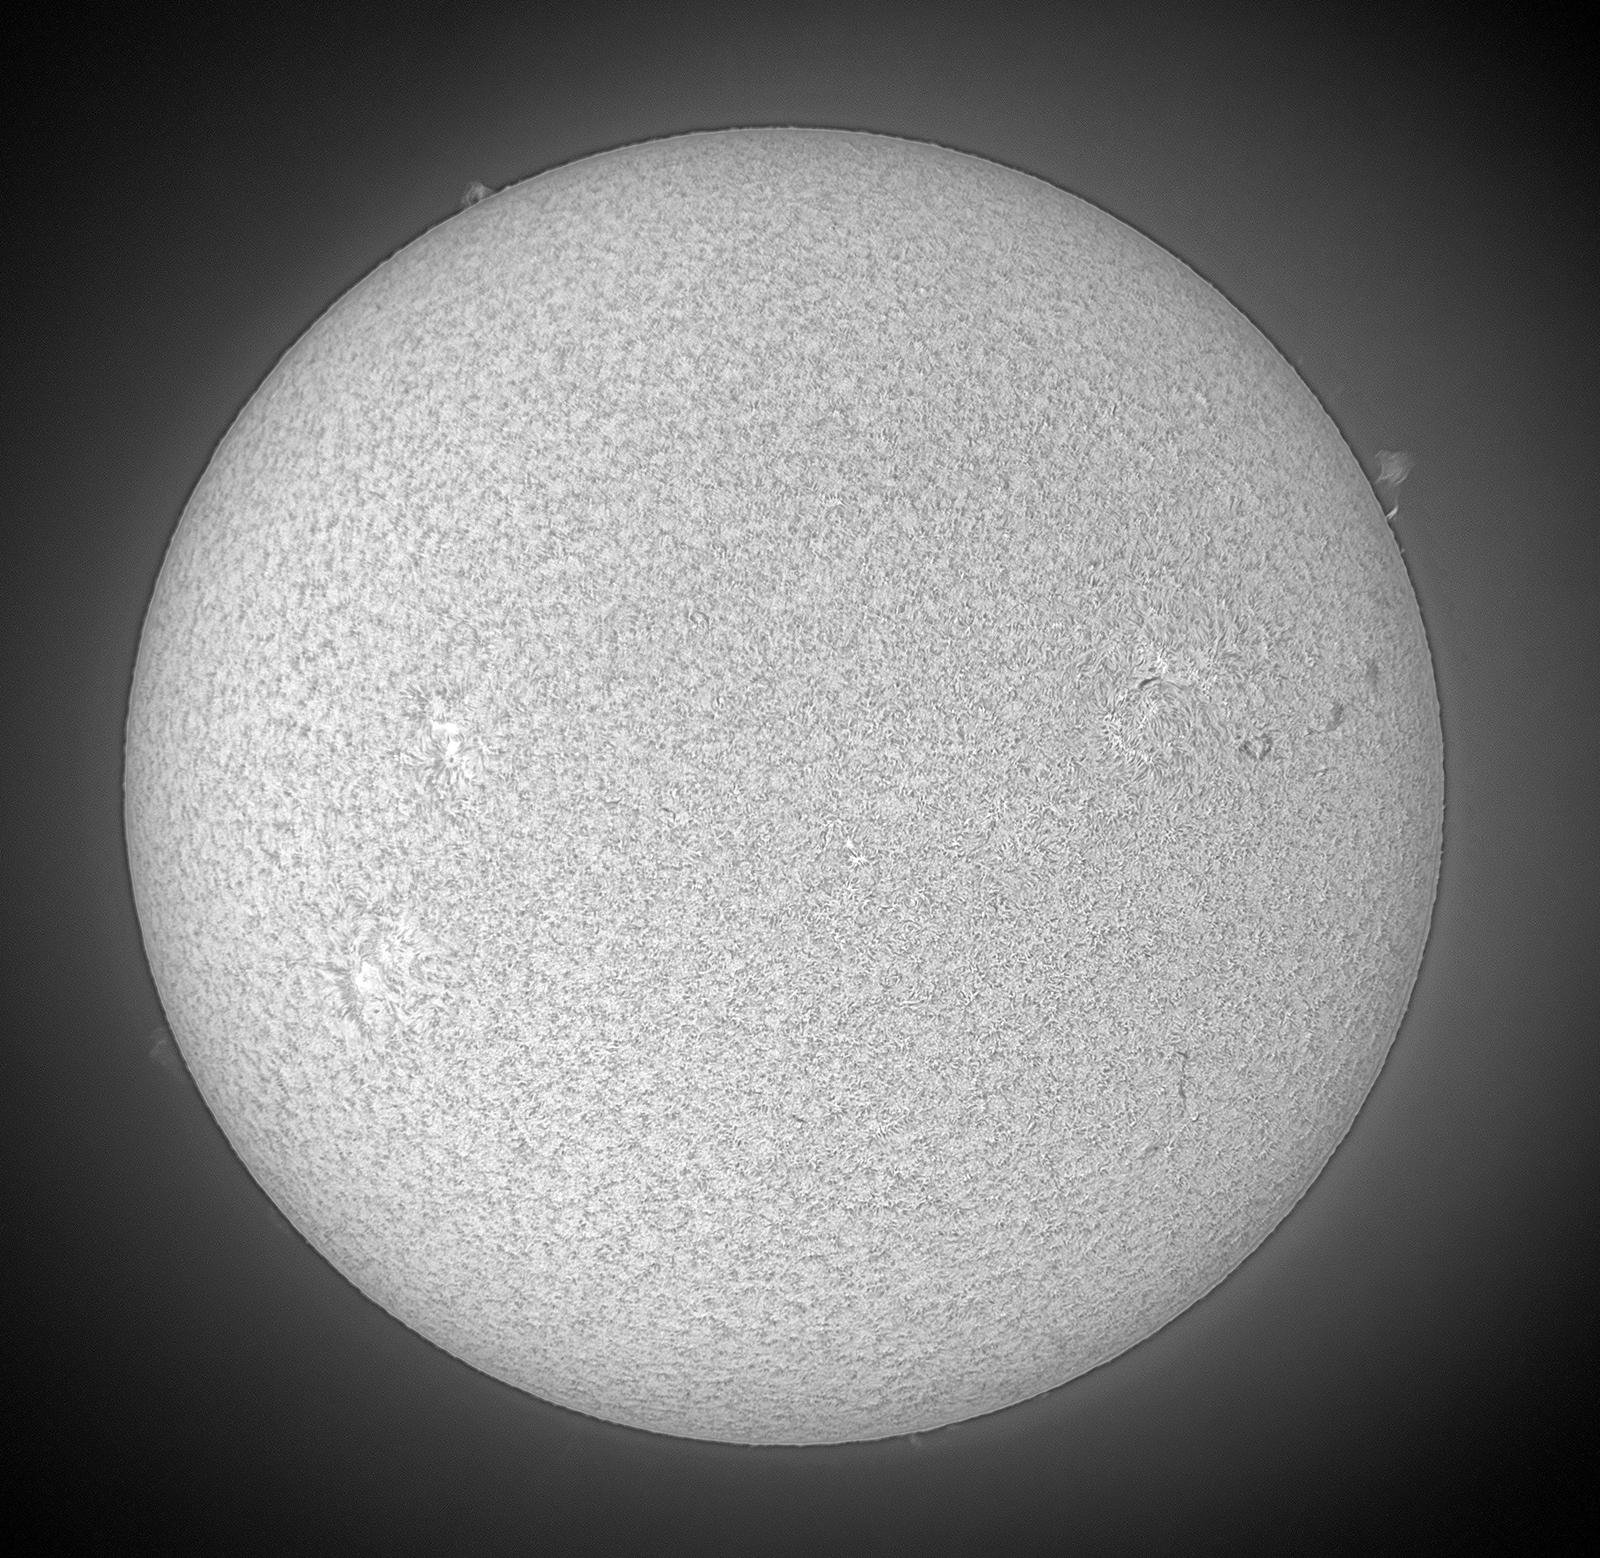 SUN_2021MAR29_12_27_09_1600px.jpg